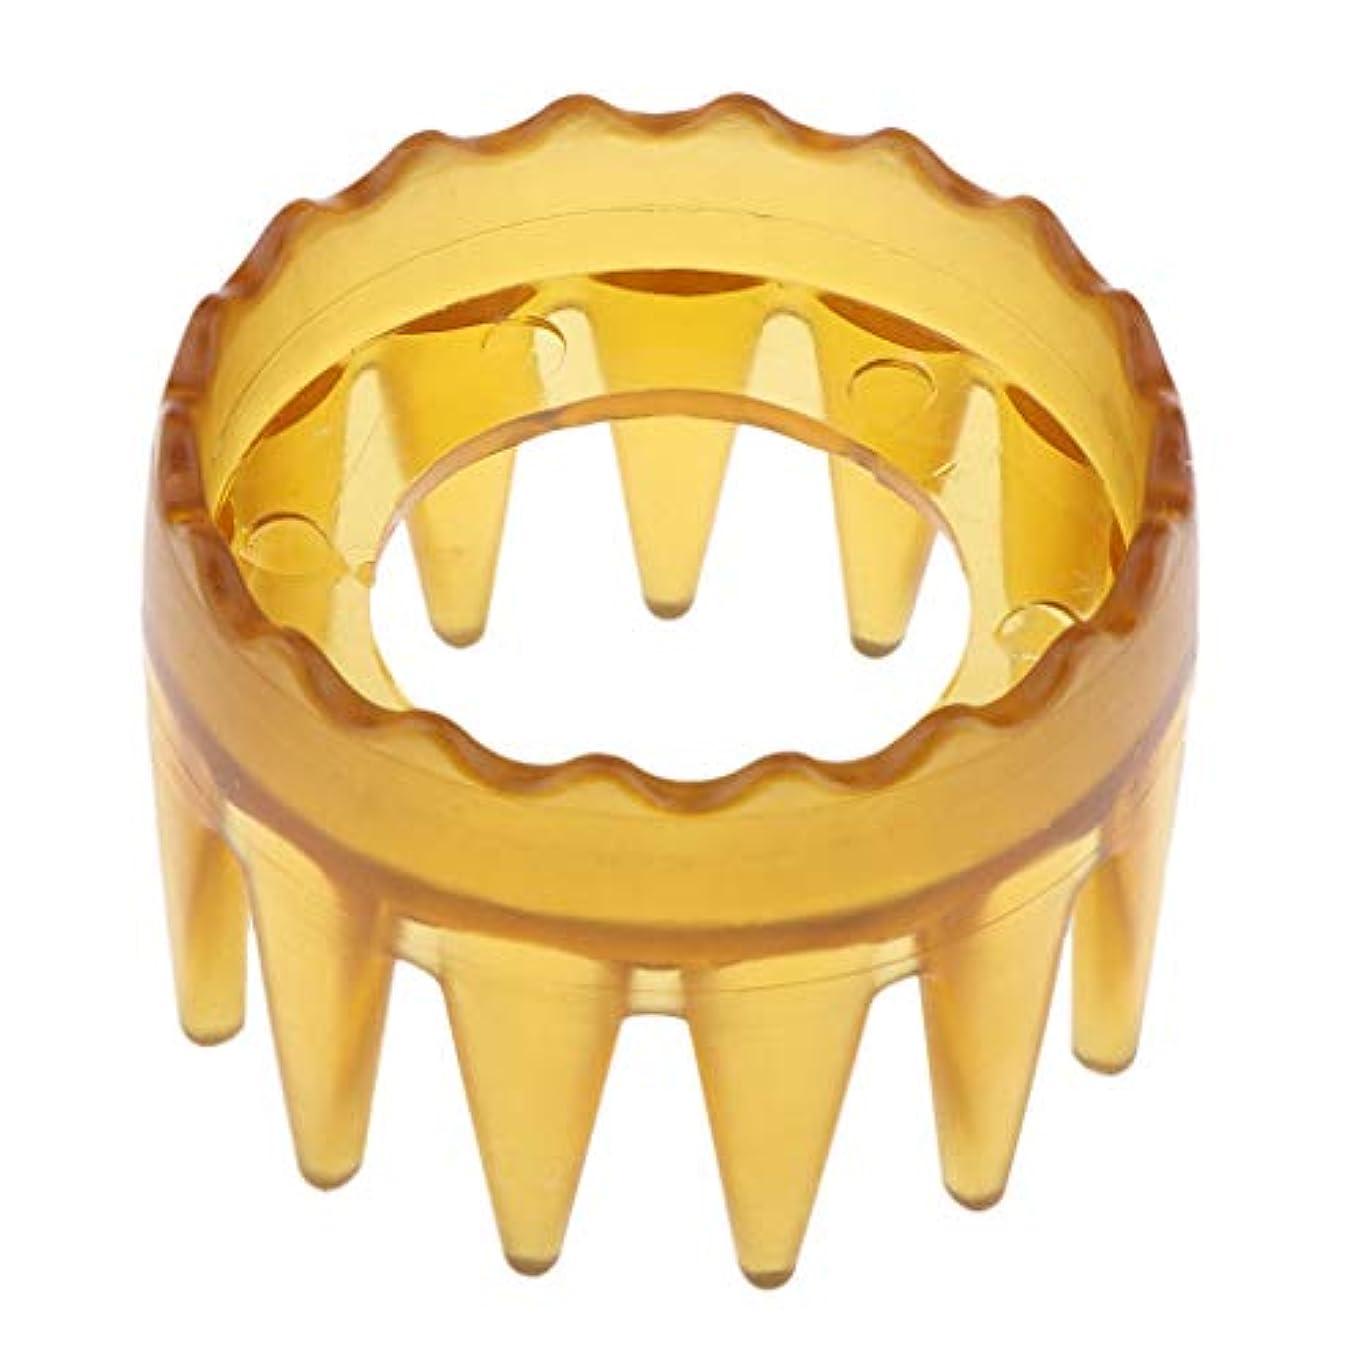 測定可能飲み込む開業医IPOTCH ヘアケアブラシ シャンプーブラシ マッサージャー櫛 シャンプー櫛 ヘアグルーミングブラシ 4色選べ - 黄